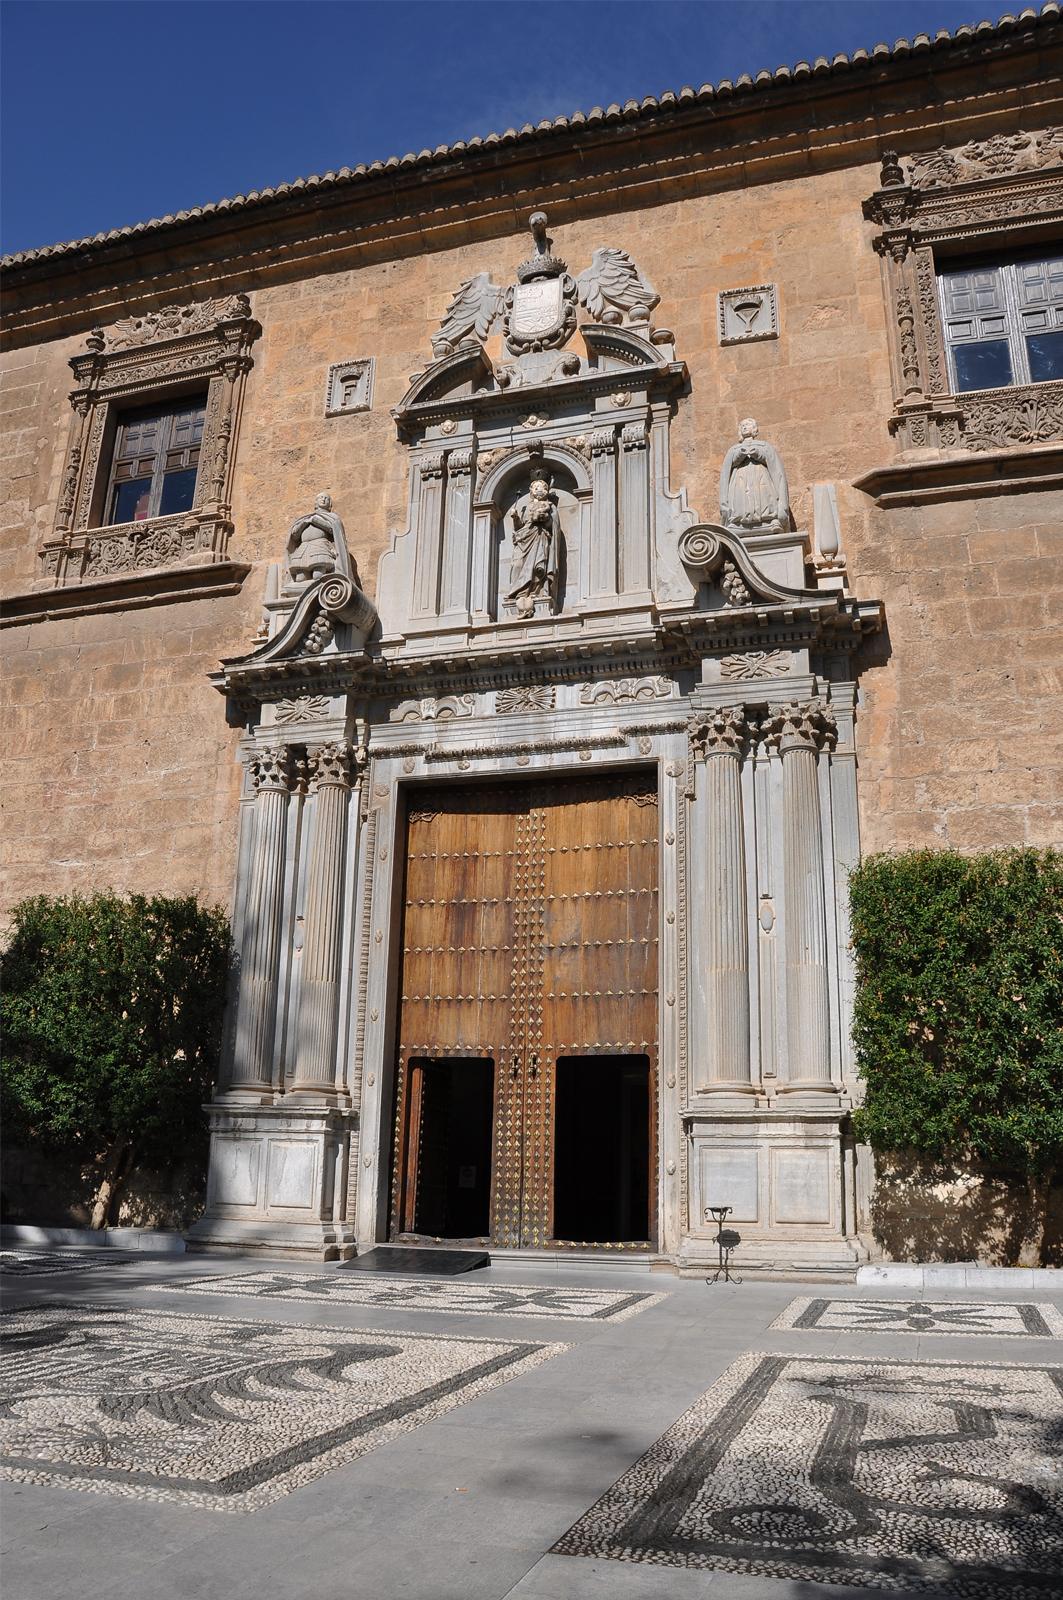 El 10 de junio arrancan las movilizaciones contra el recorte del Gobierno Andaluz a la Universidad de Granada